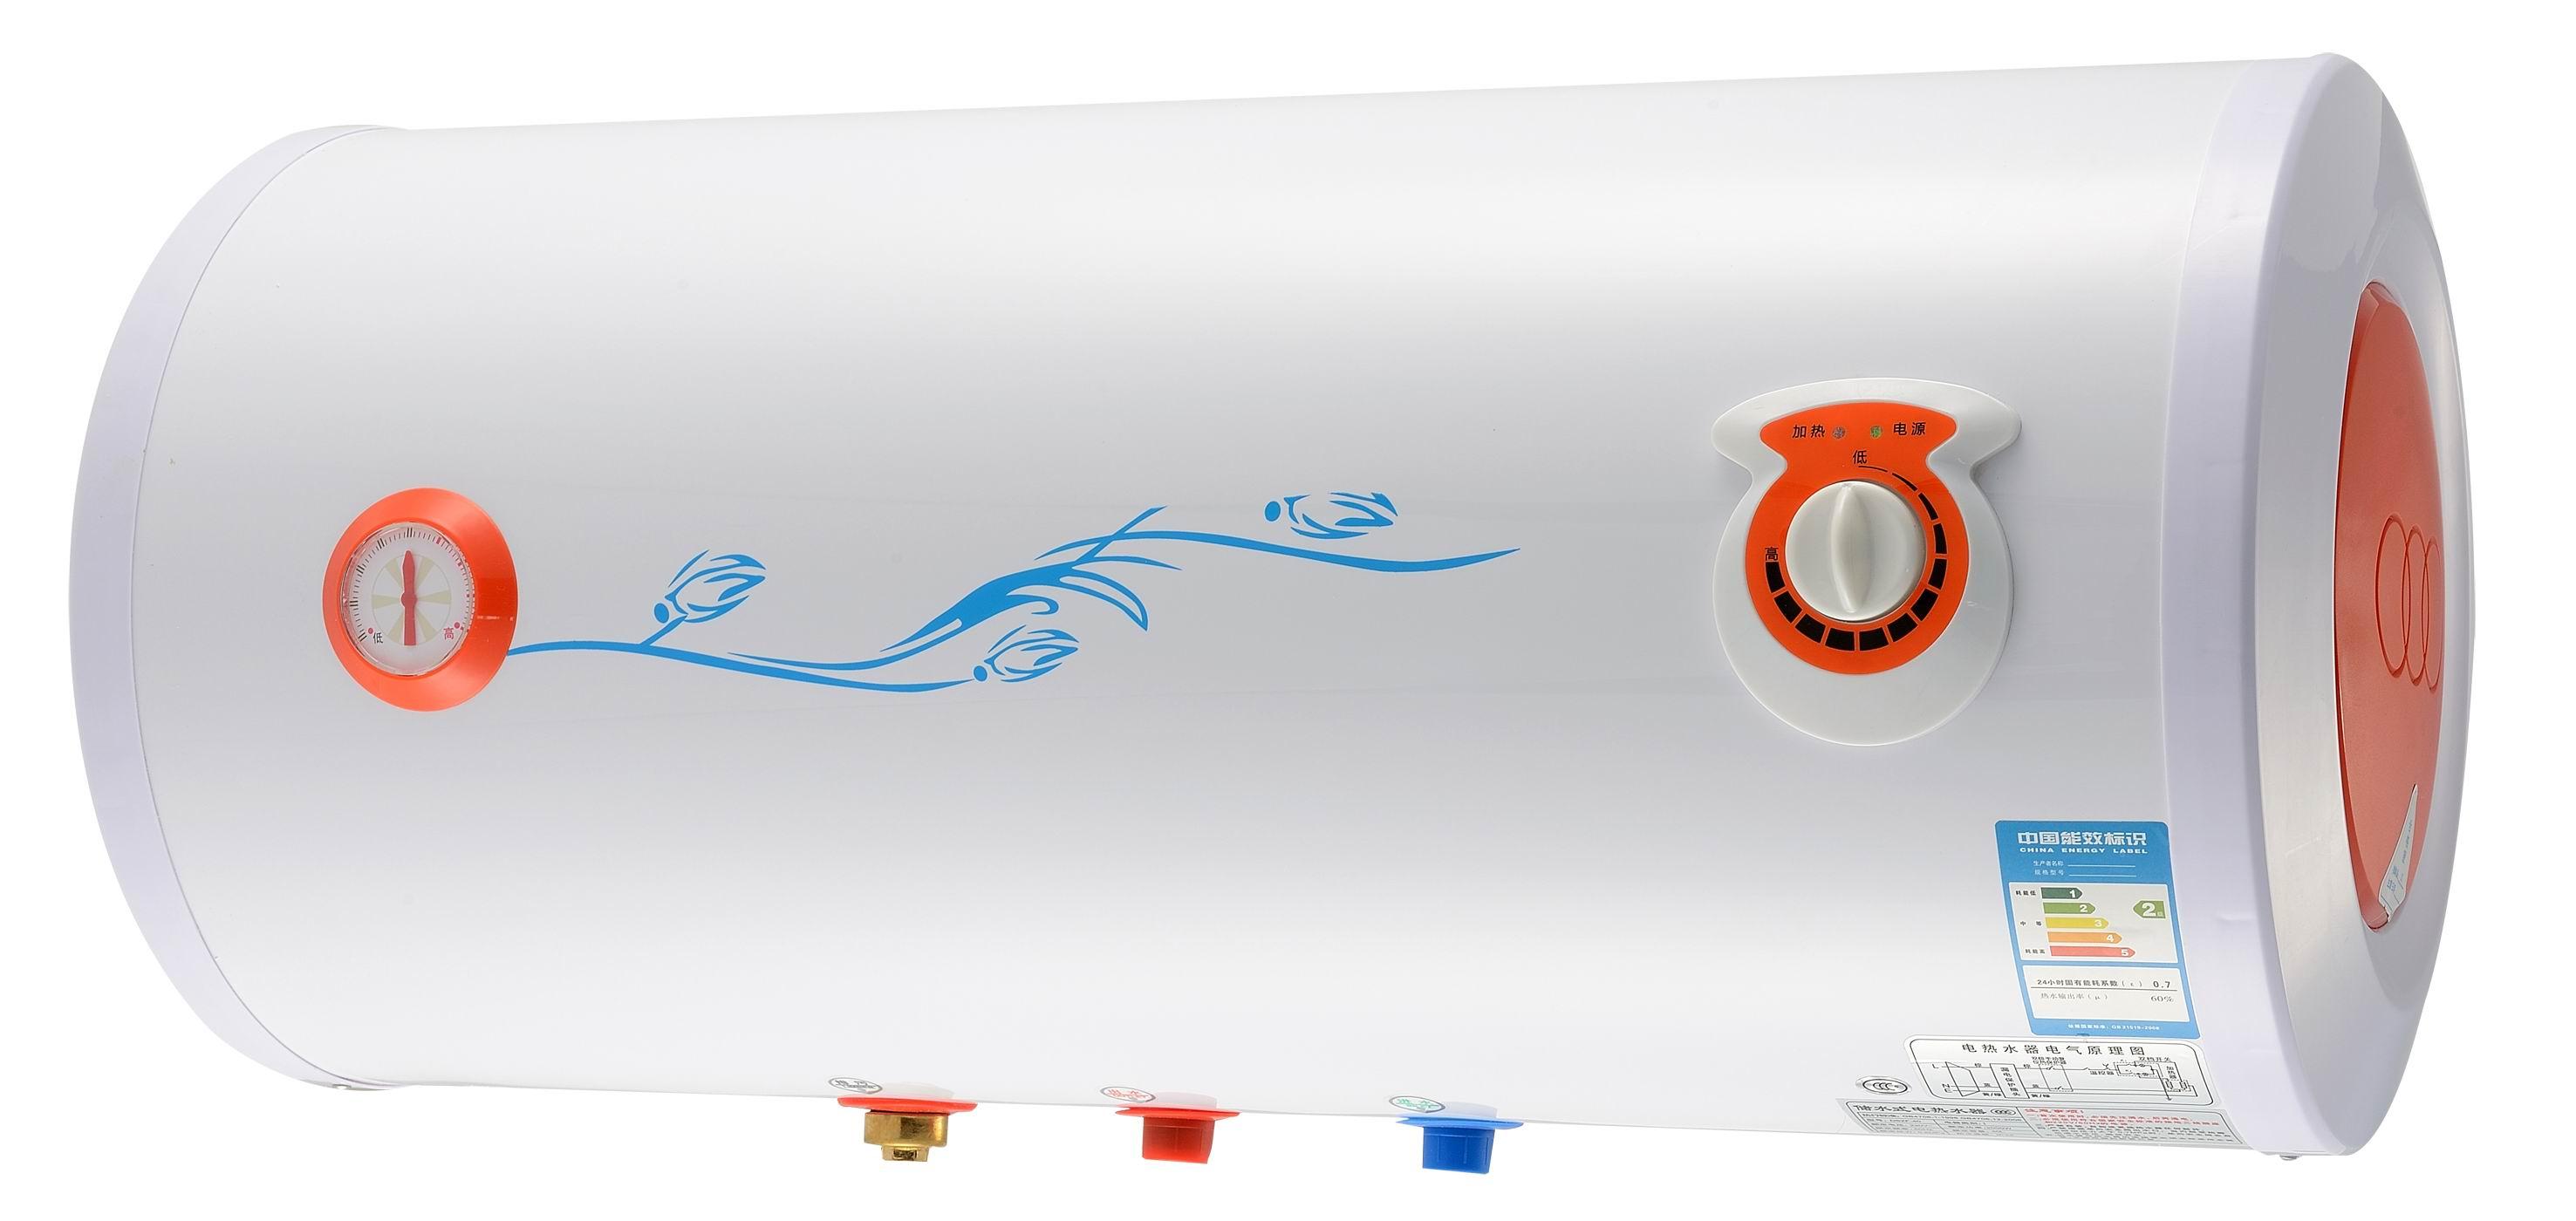 歐派電熱水器廠家 史密斯電熱水器批發 一,史密斯儲水式電熱水器商品特性: 1. 3D動態加熱技術,全方位加熱無死角,創造節能享受。 2. 防電墻技術,即使在不安全的用電環境下,也能確保洗浴安全。 3. 五大節能技術,智能操作,為你全面切省電費開支。 4. 搪瓷三層膽技術:抗暴,抗溶,抗酸,壽命更長。 5.